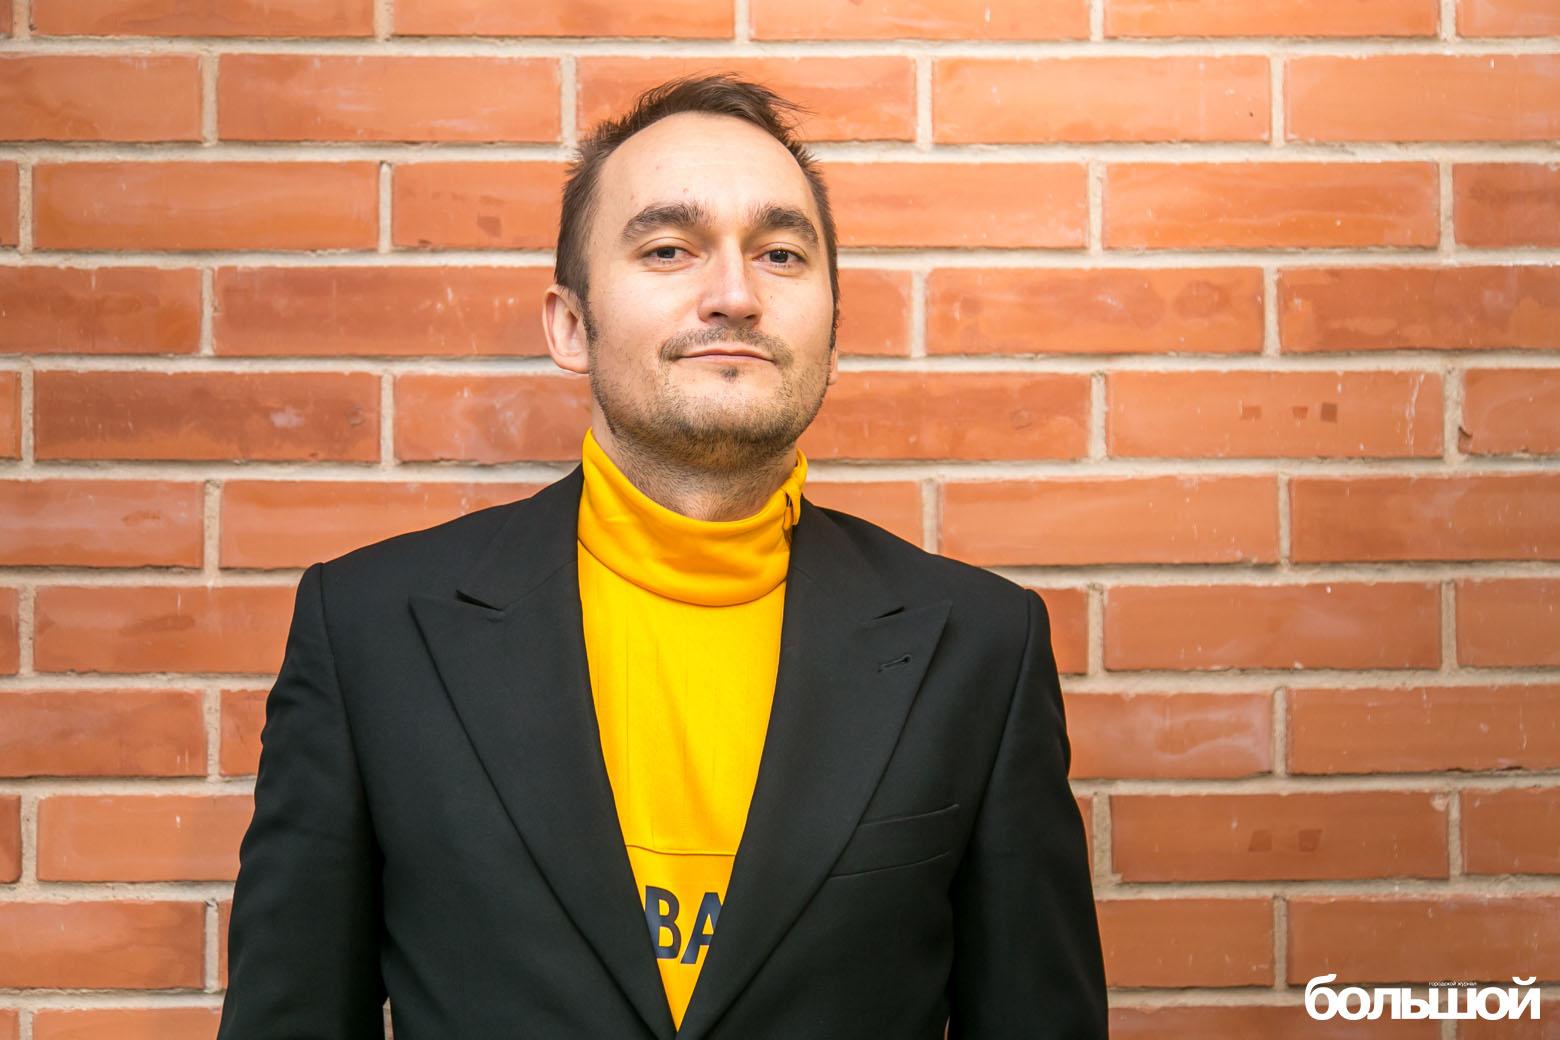 Богдан Коровец